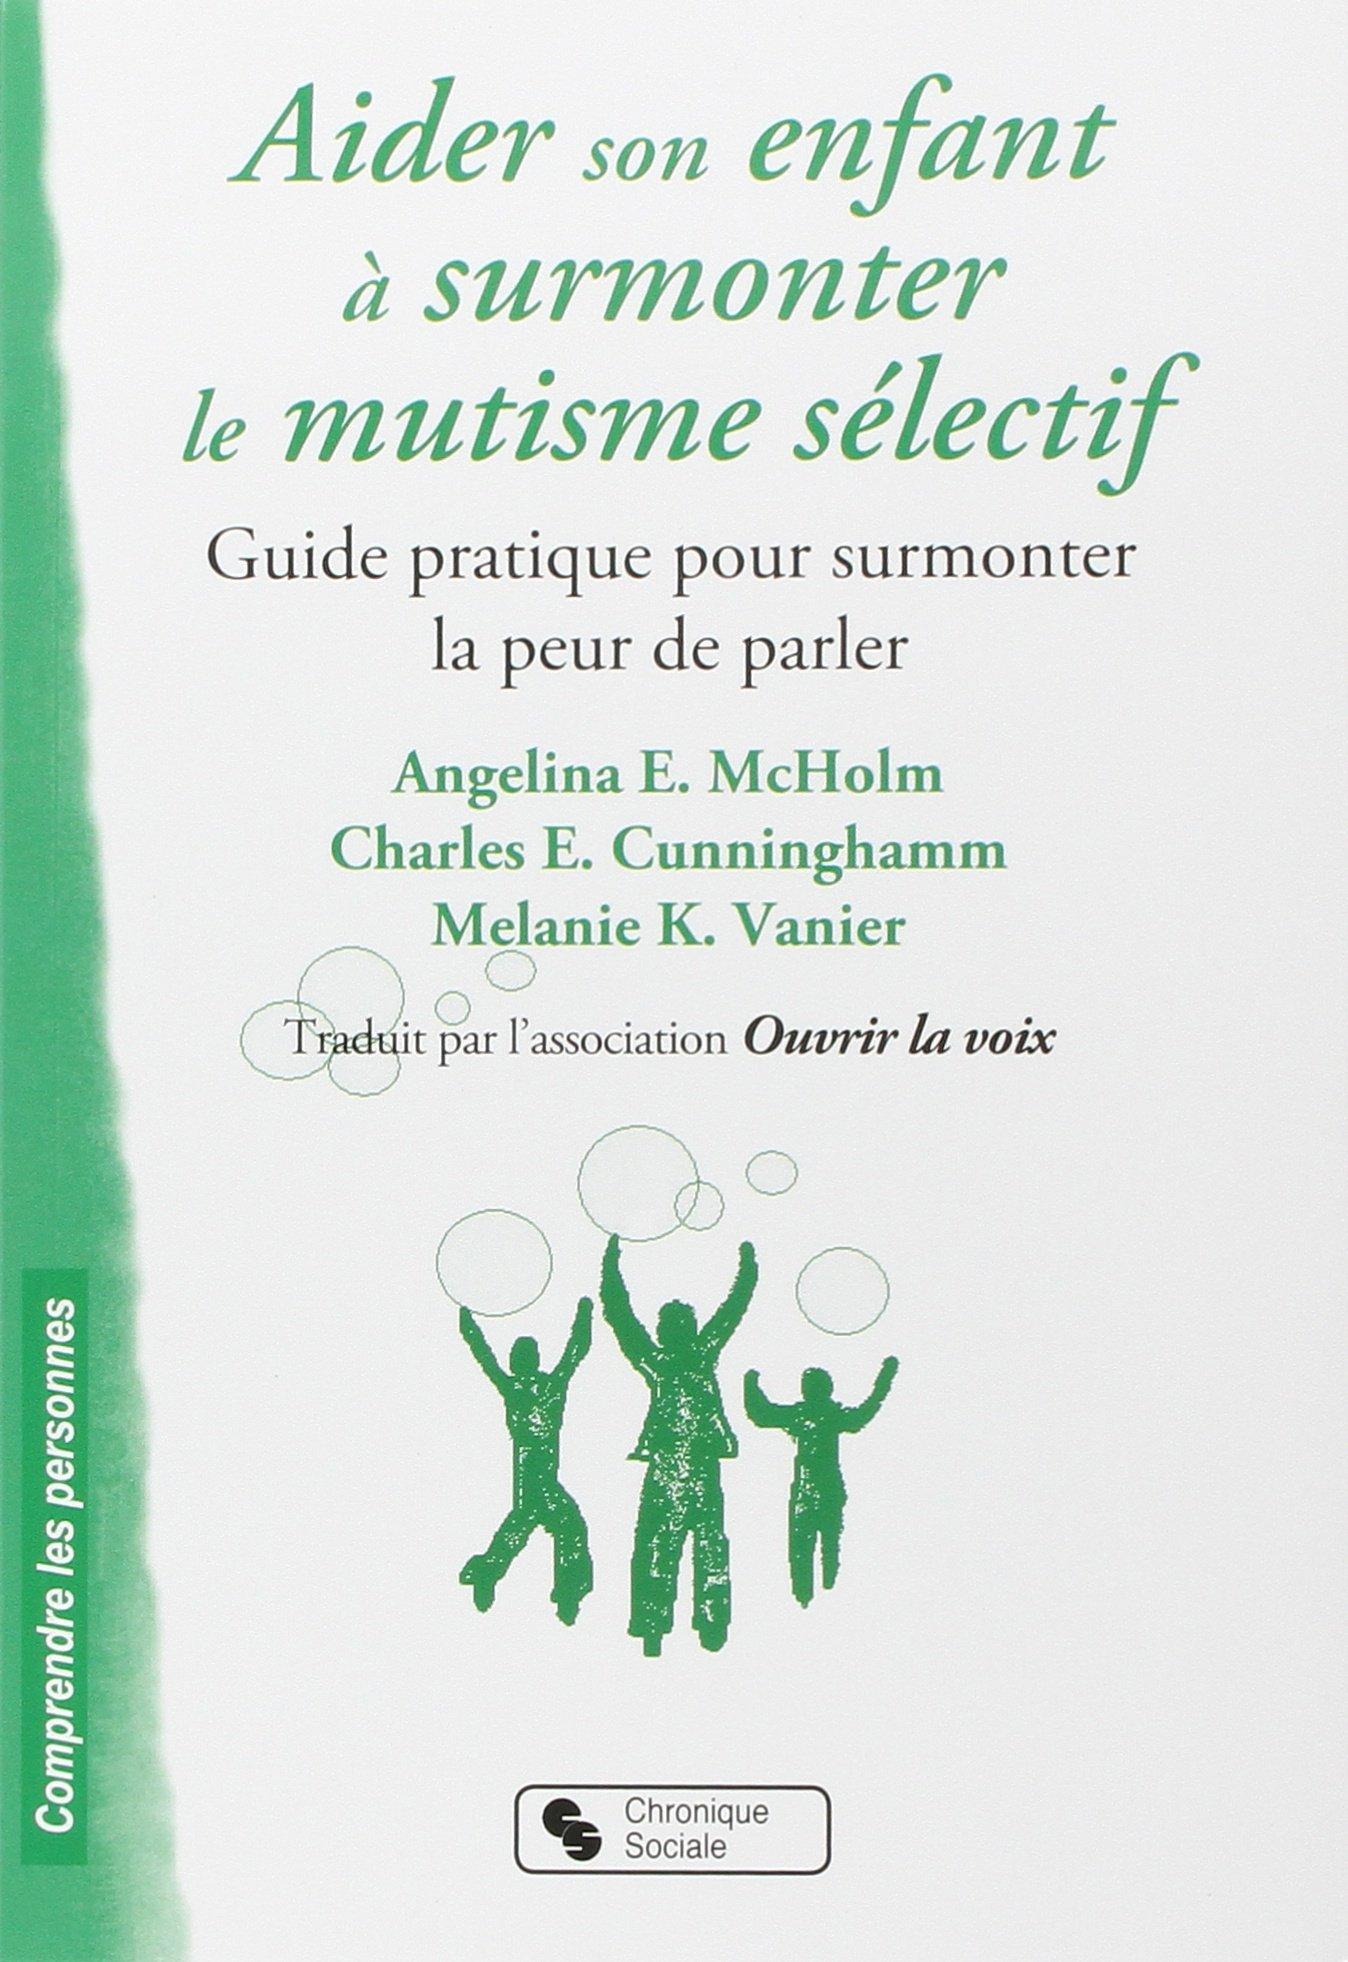 Aider son enfant à surmonter le mutisme sélectif.  Guide pratique pour surmonter la peur de parler